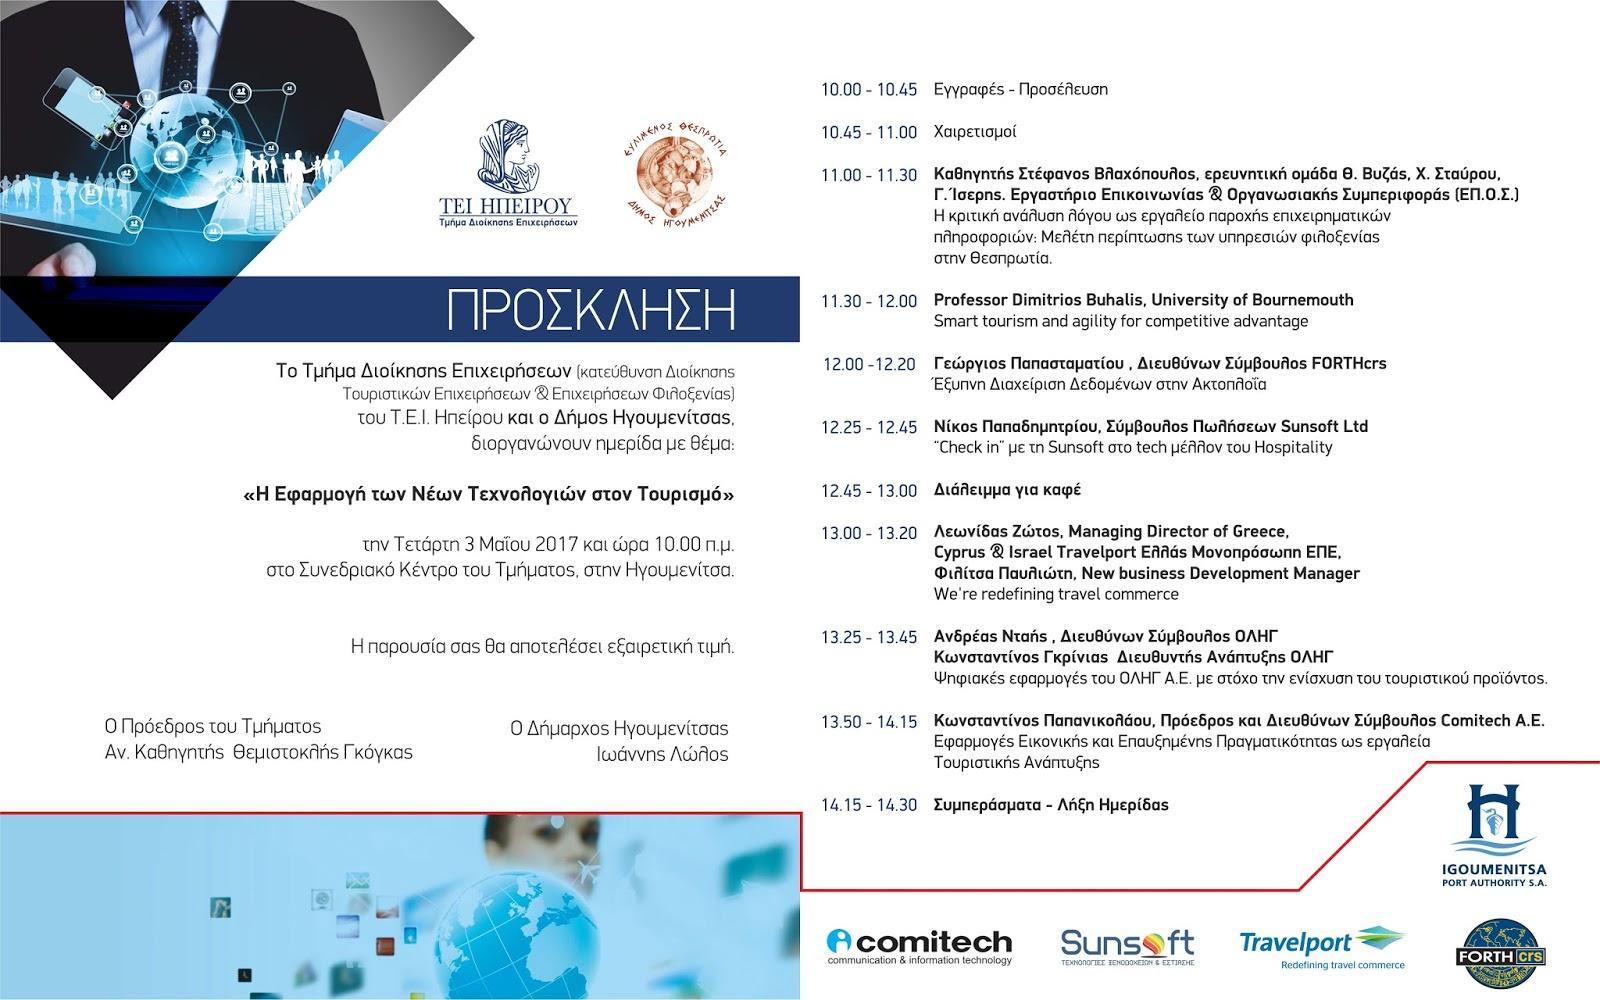 Ημερίδα του ΤΕΙ Ηπείρου στην Ηγουμενίτσα «Η εφαρμογή των Νέων Τεχνολογιών στον Τουρισμό»